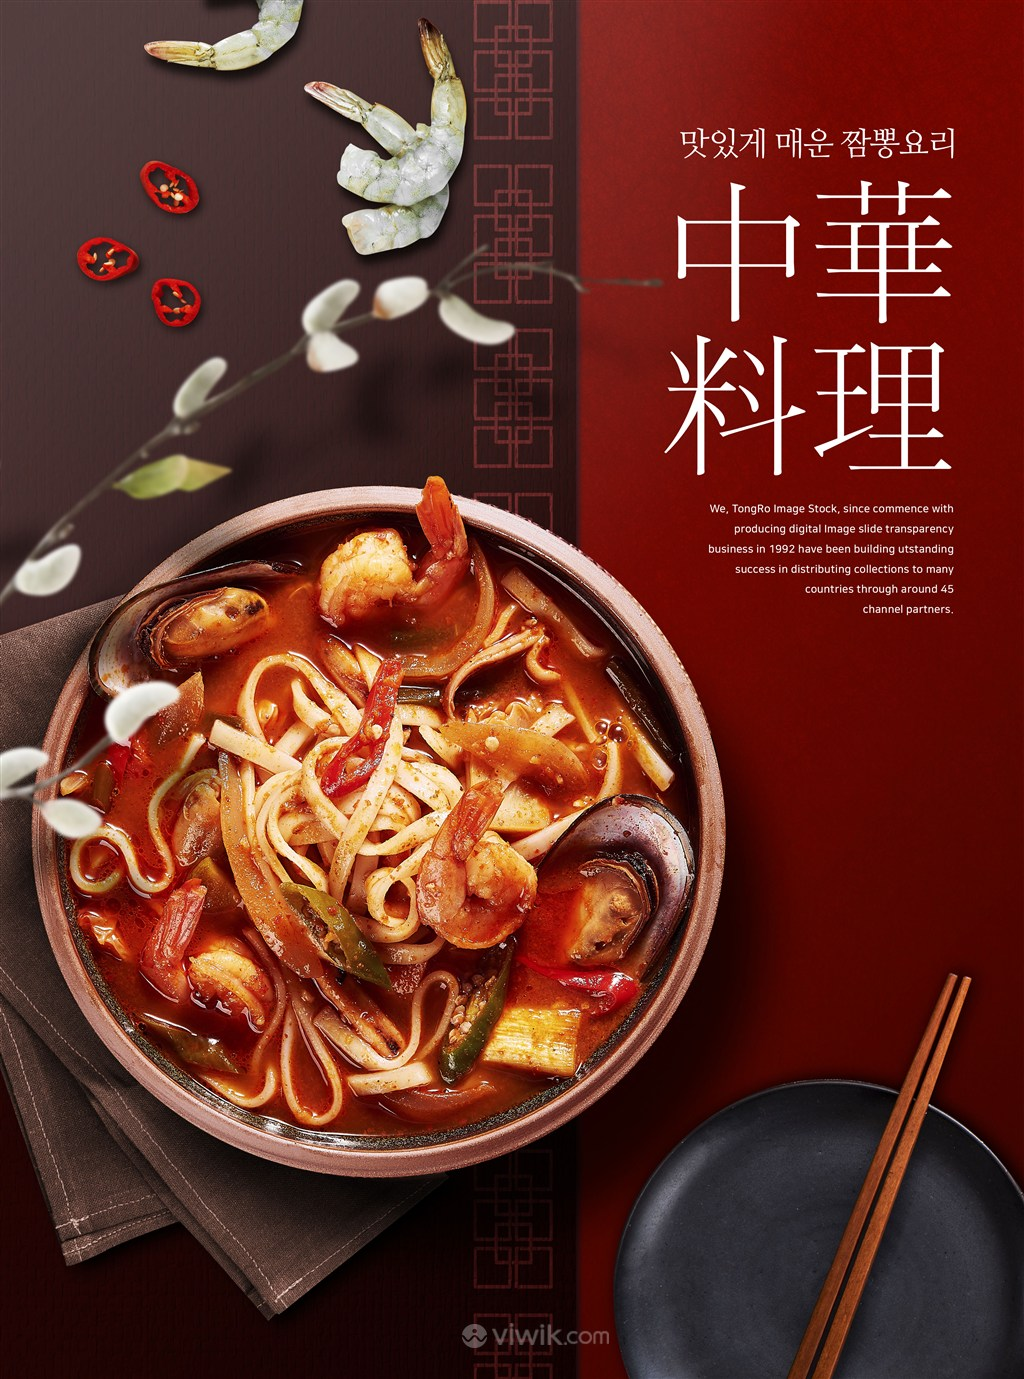 精美传统海鲜面中华料理美食海报模板